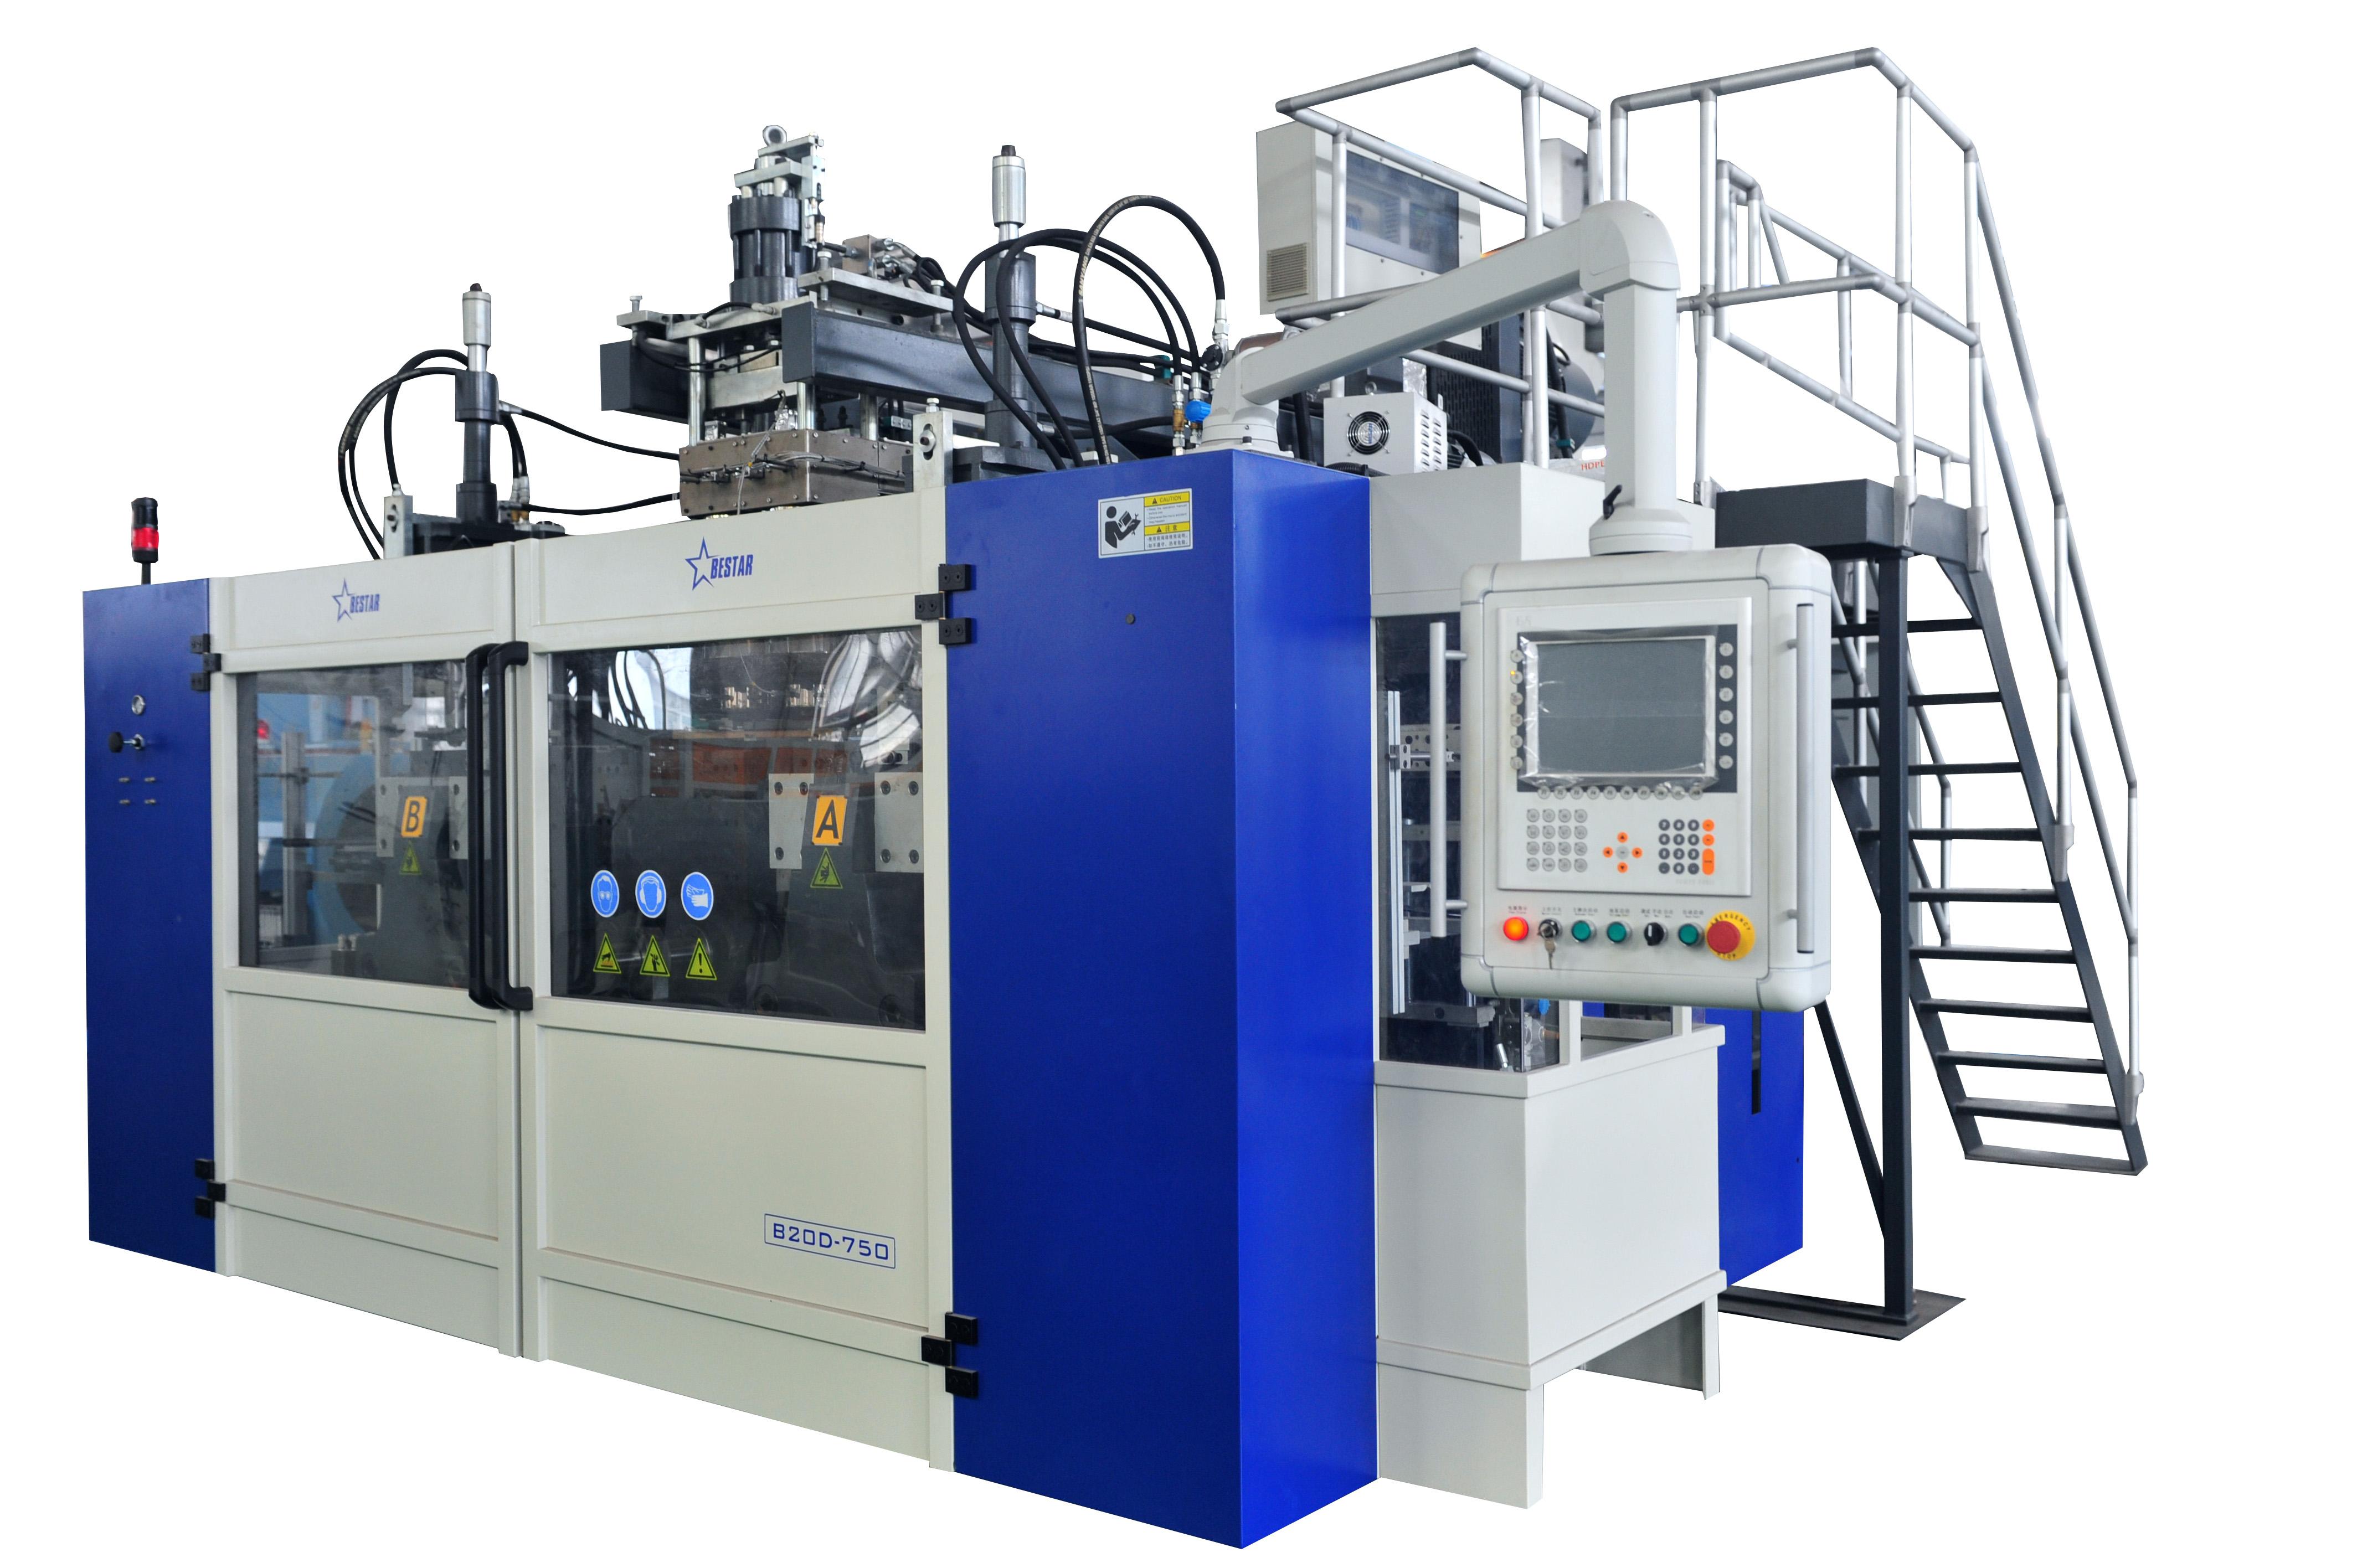 blow molding machine,blow molding equipment,blow moulding machine